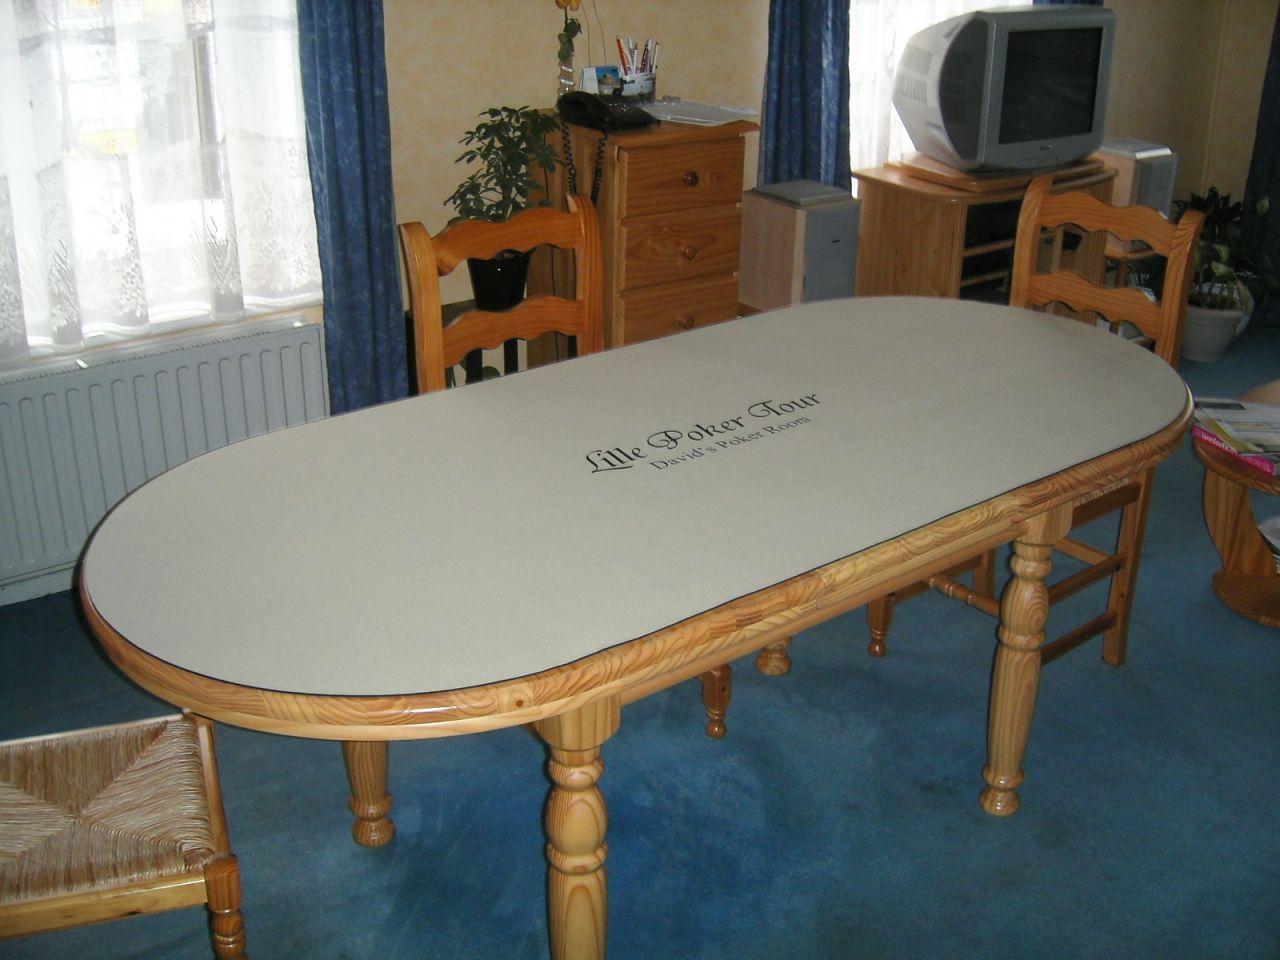 David's Poker Room